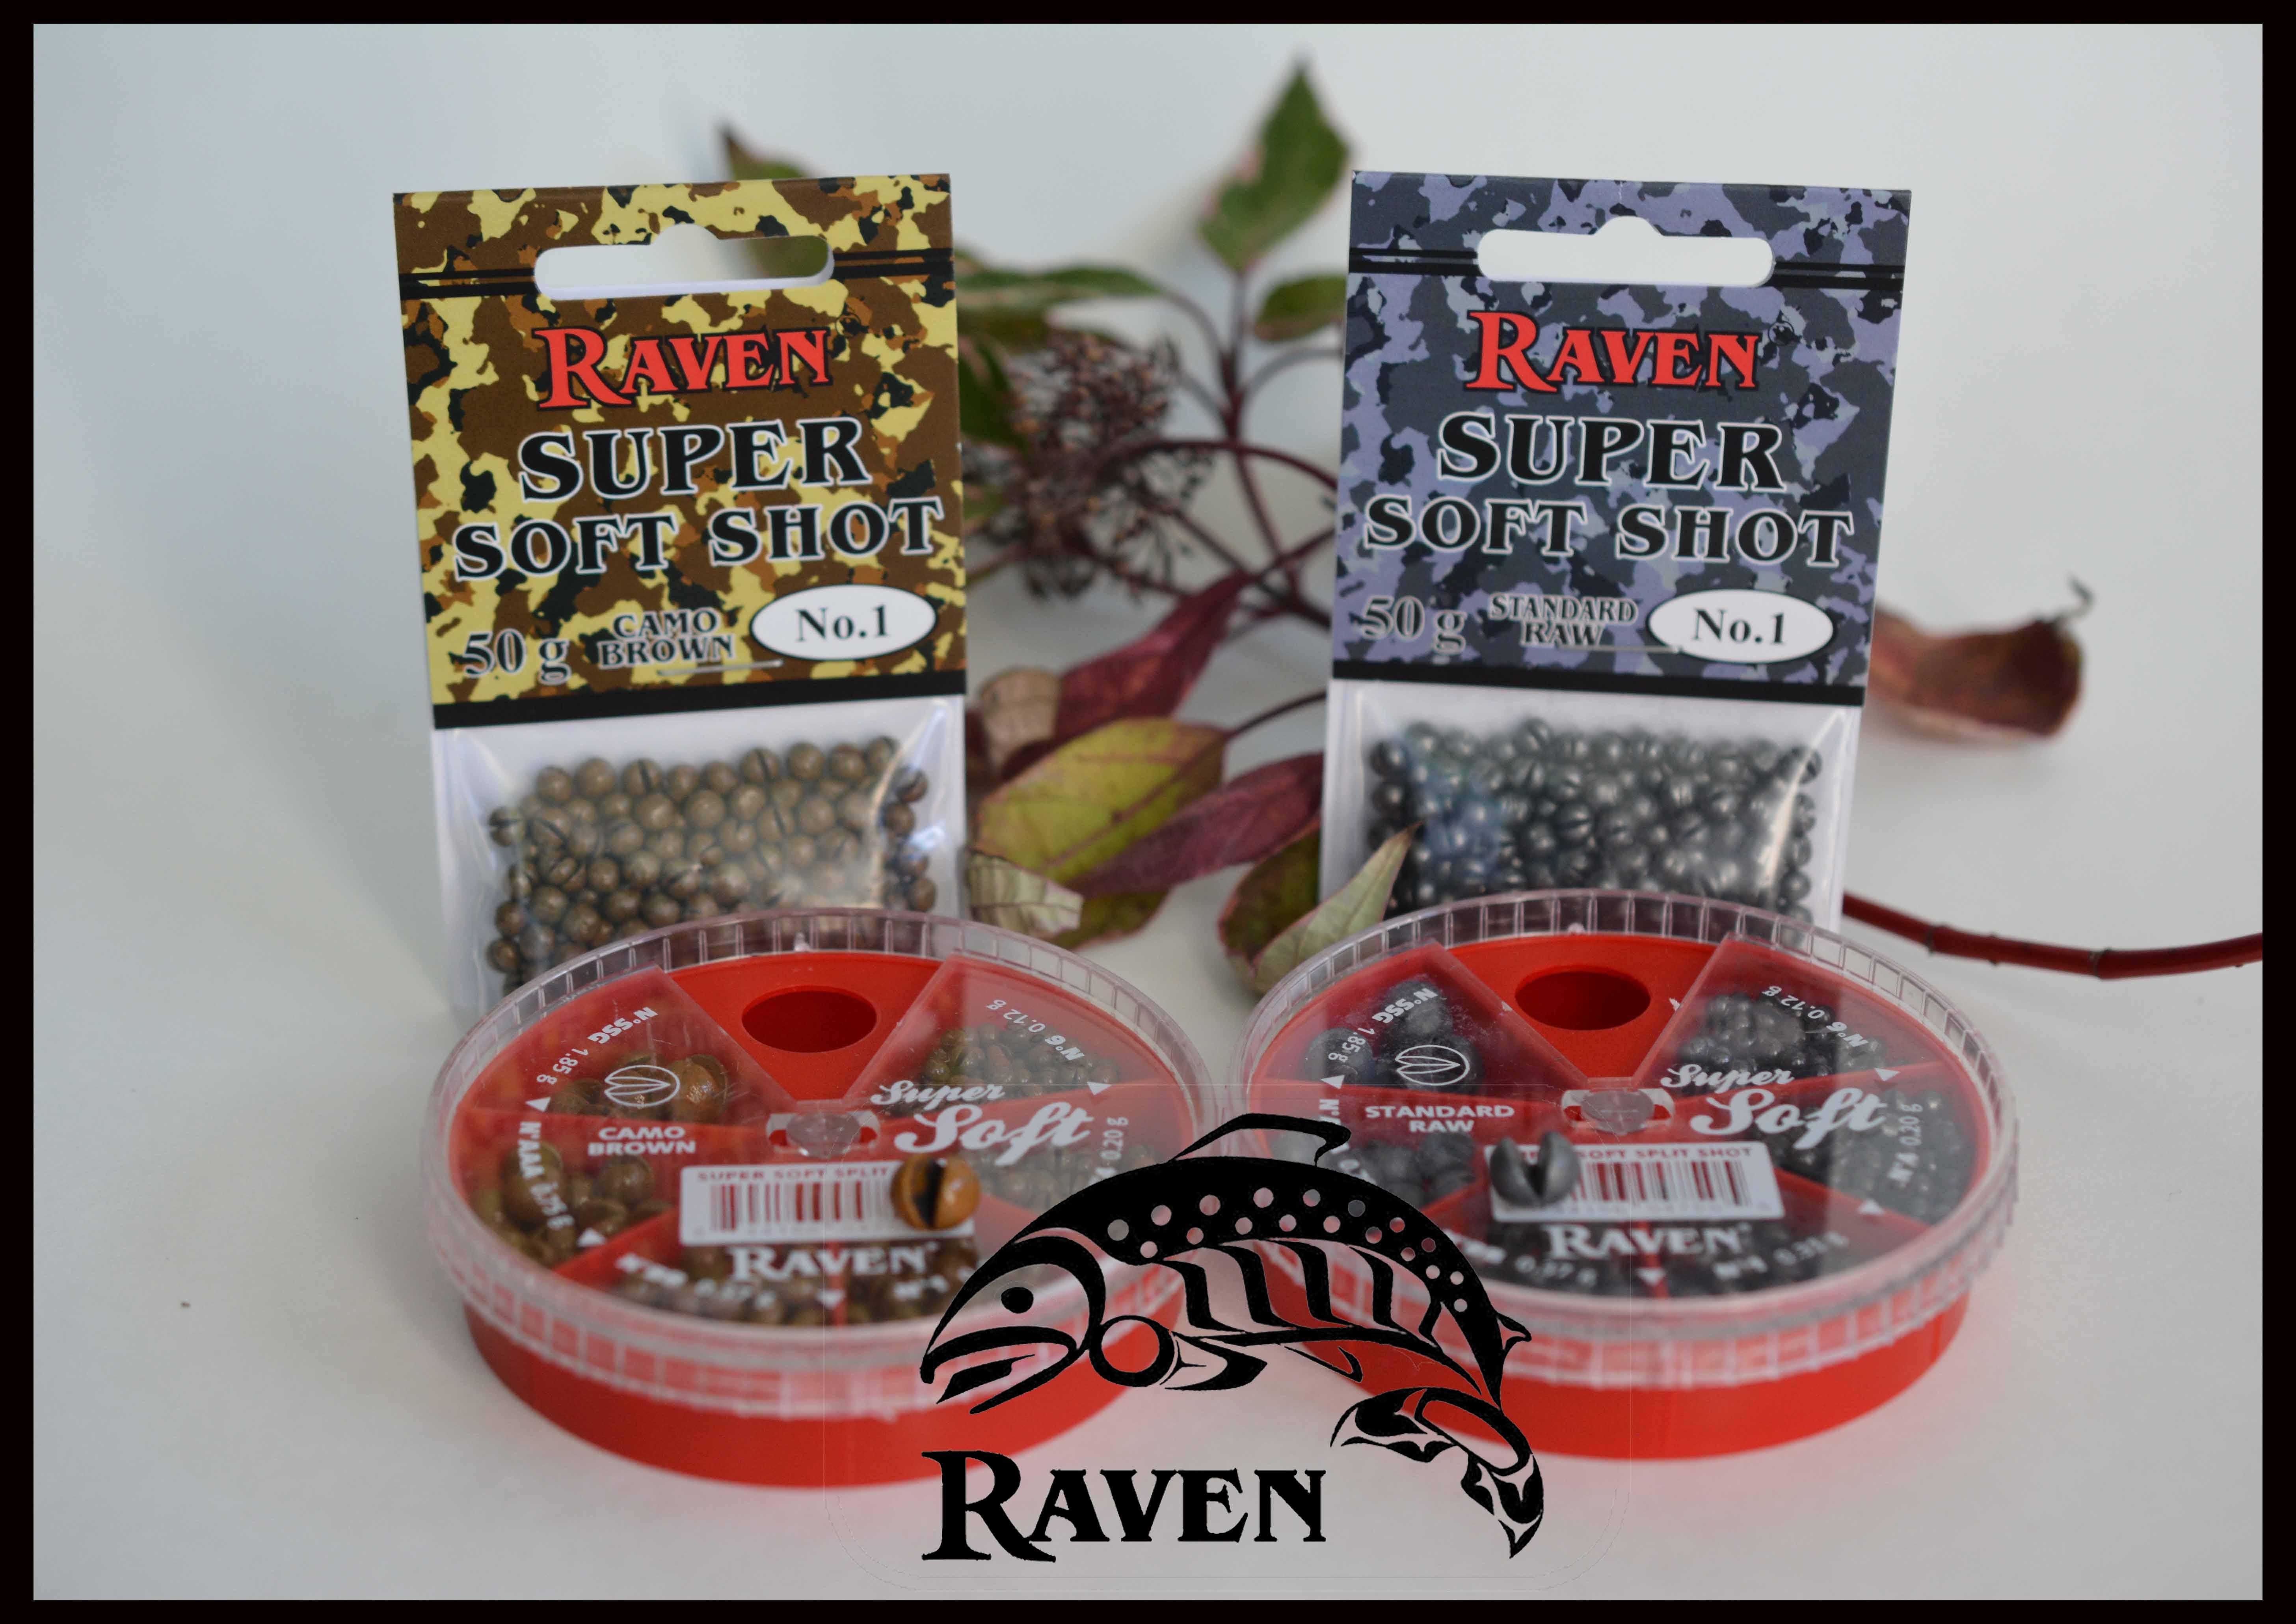 raven-supersoft-lead-split-shot-1-camo